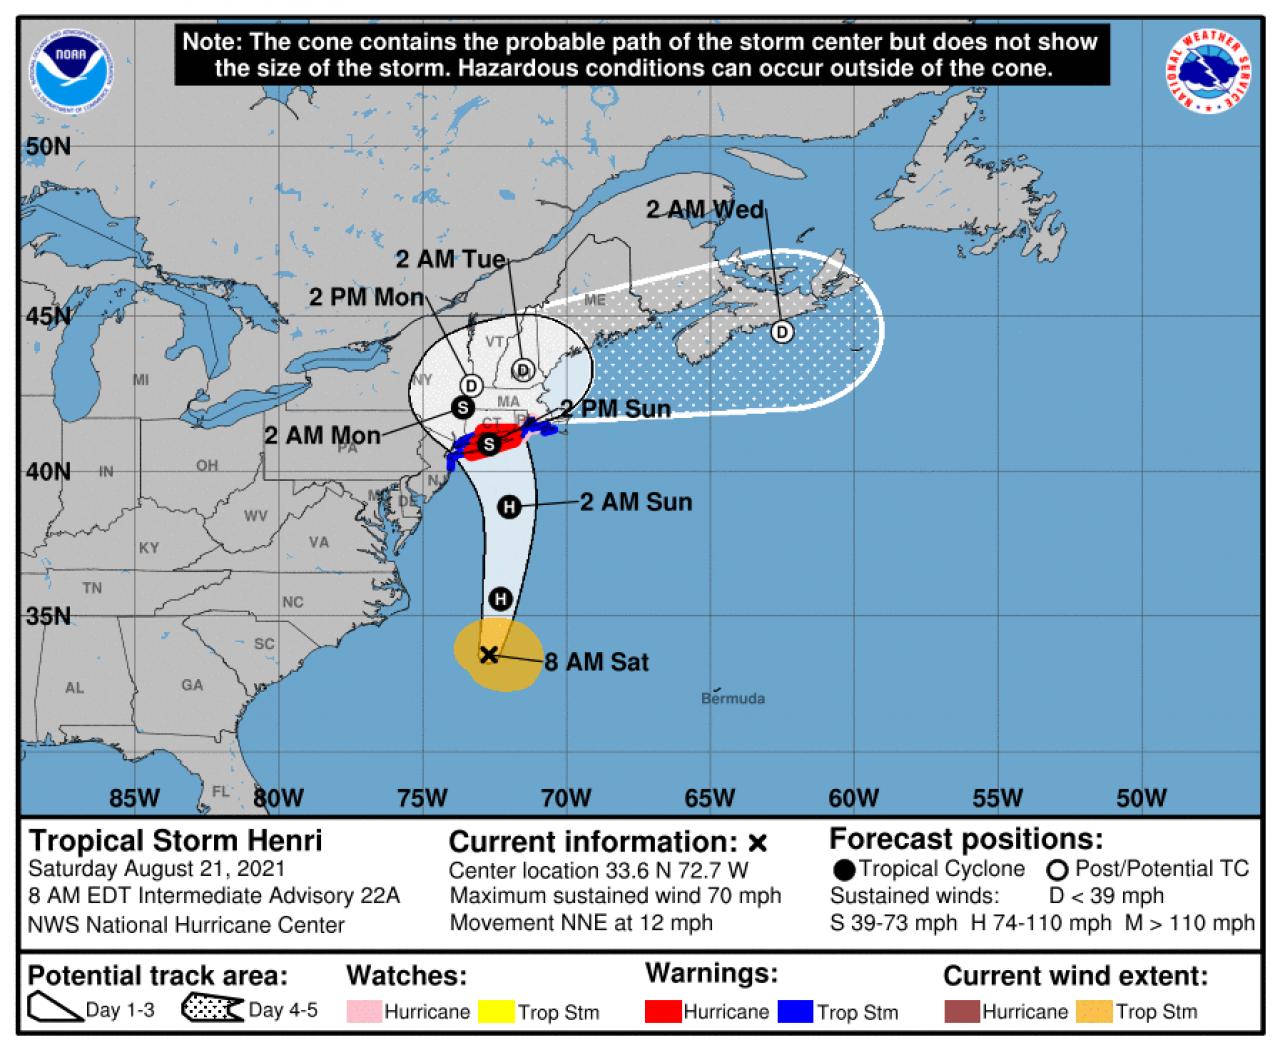 La rotta prevista di Henry (Fonte: National Hurricane Center)